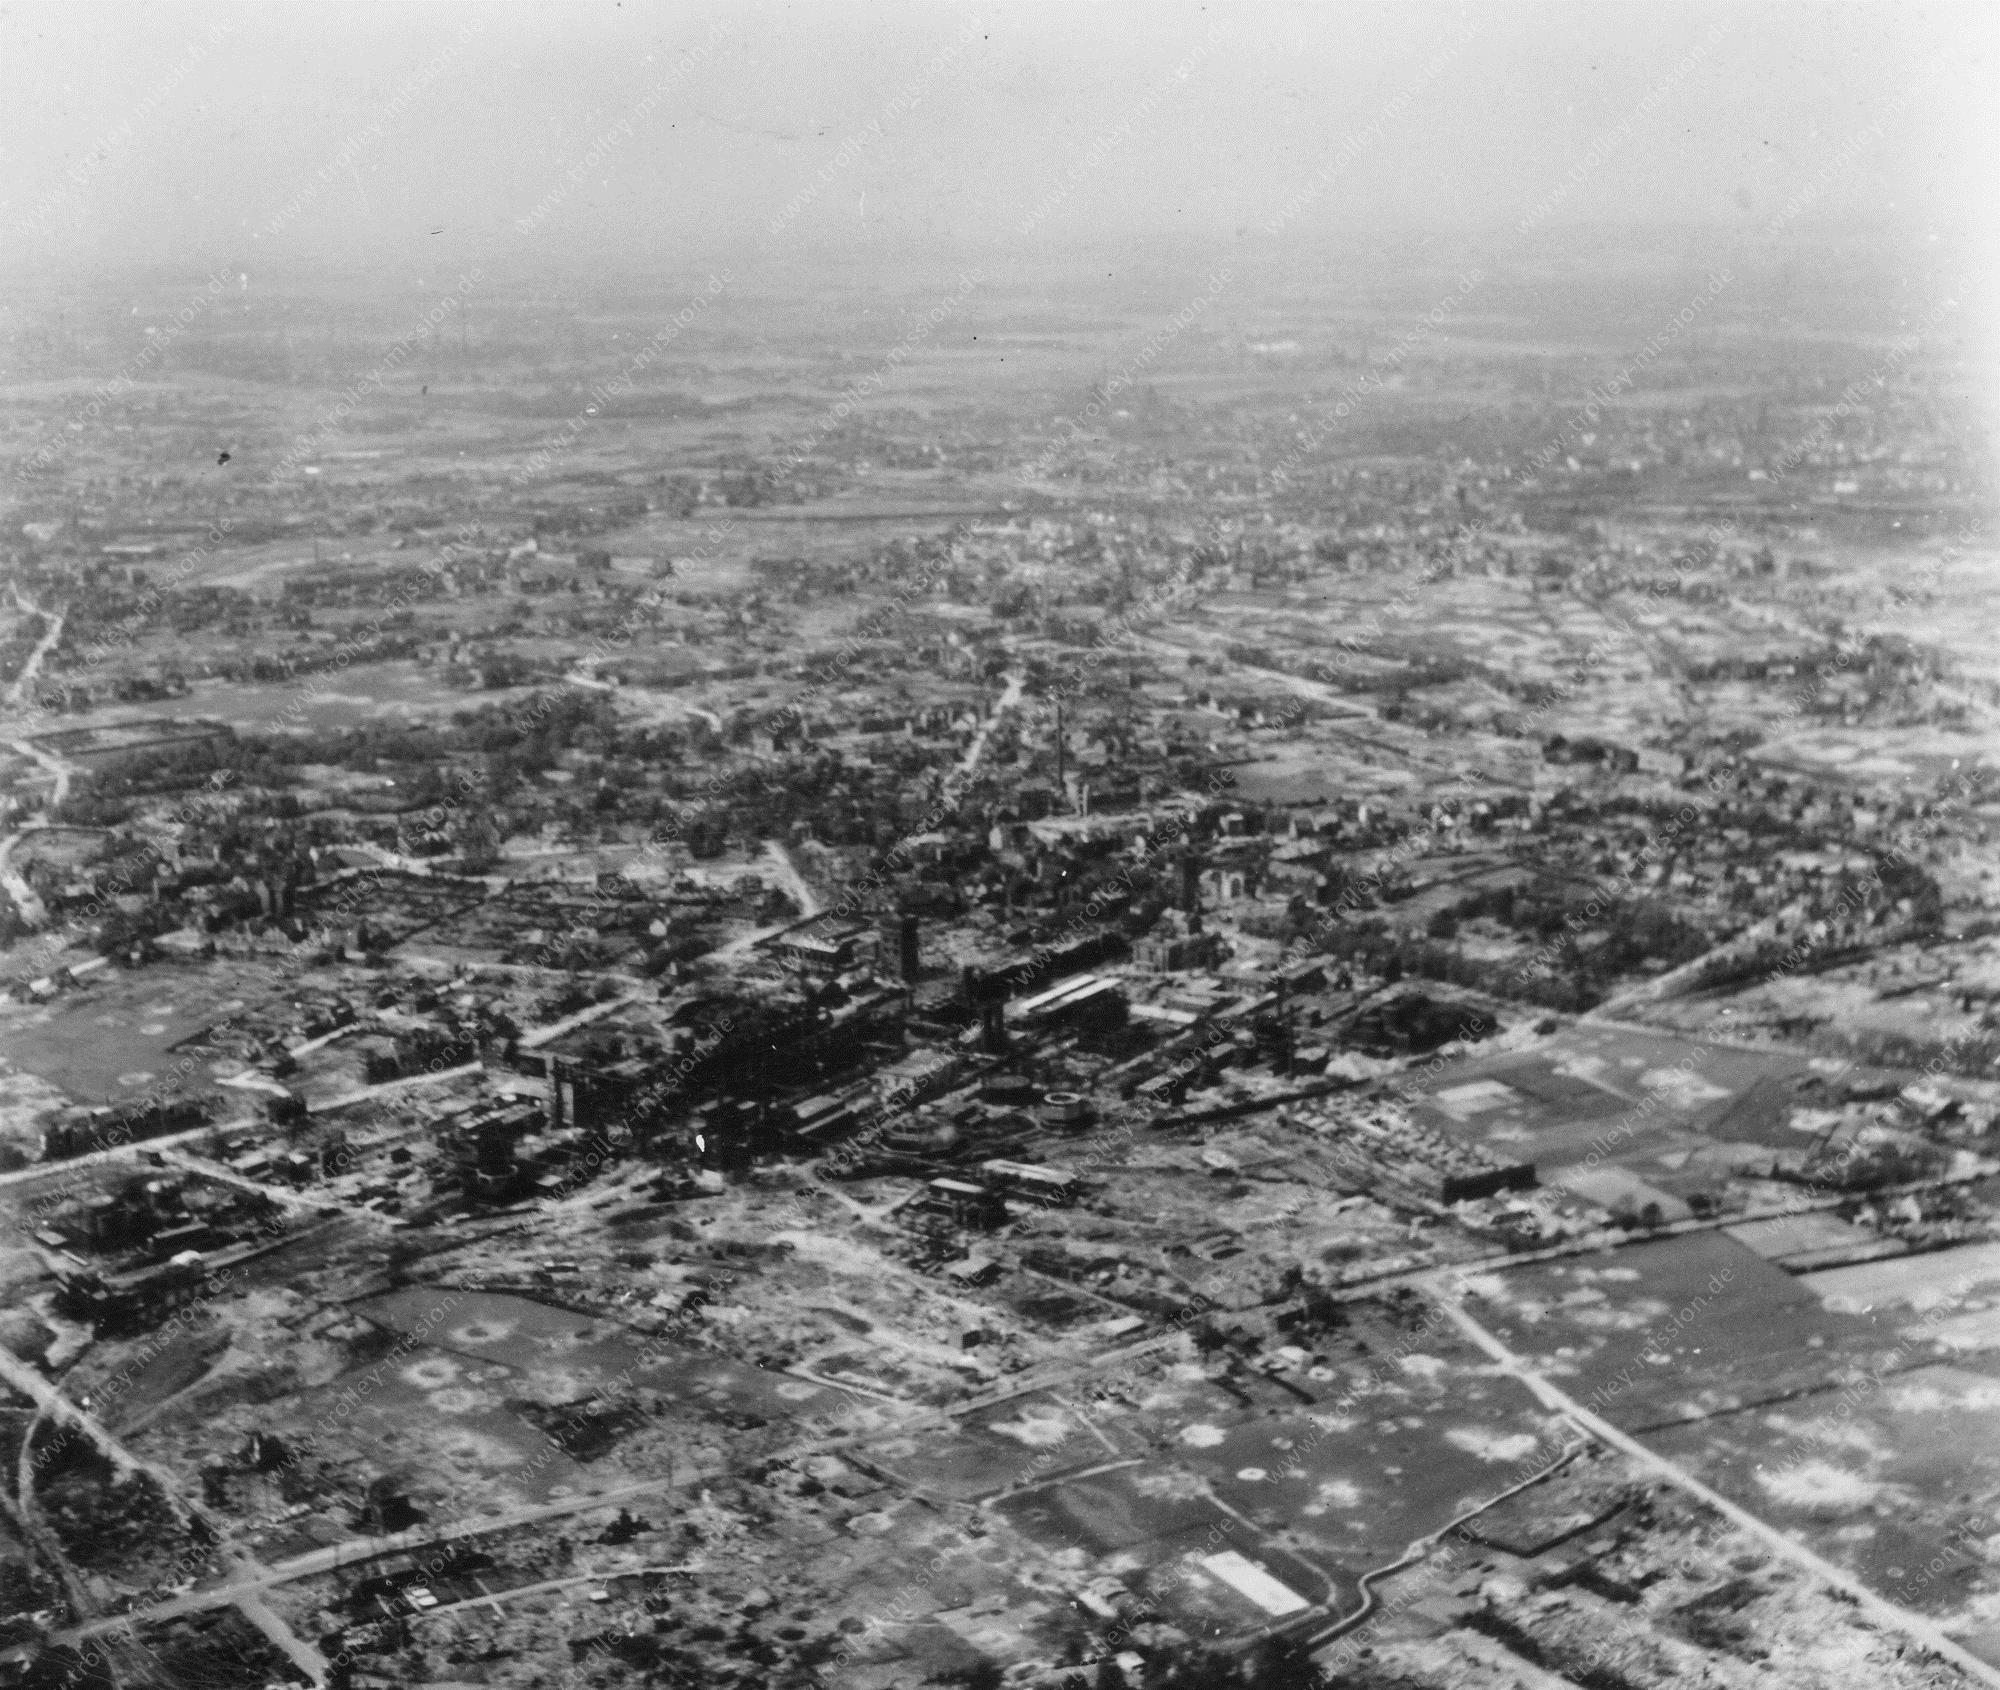 Unbekanntes Luftbild Industriegebiet mit vielen Bombentrichtern